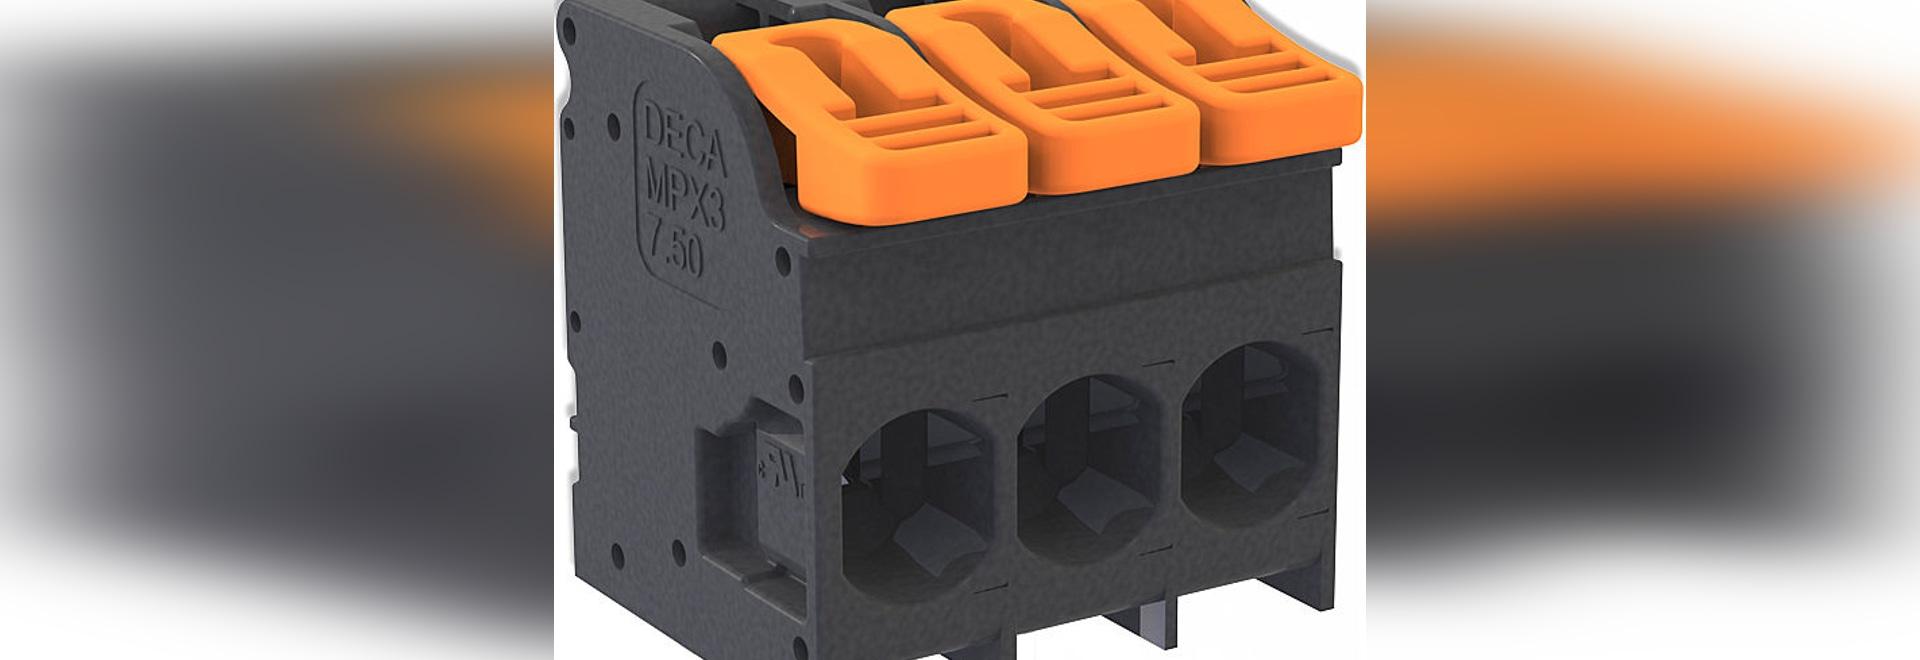 Conectadores MPX312 de DECA